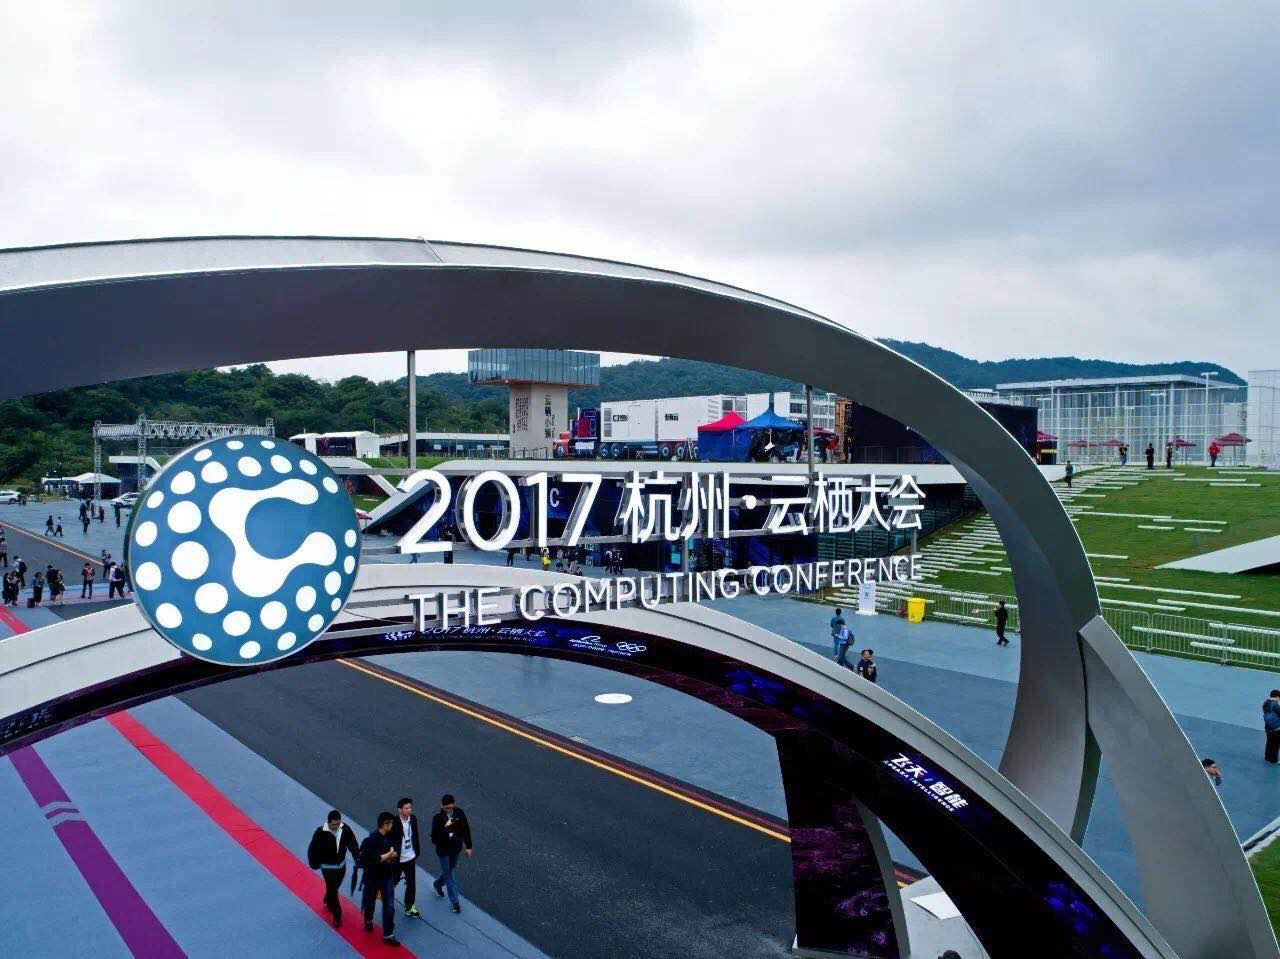 """2017云栖大会:""""无人值守""""也将成为热搜"""